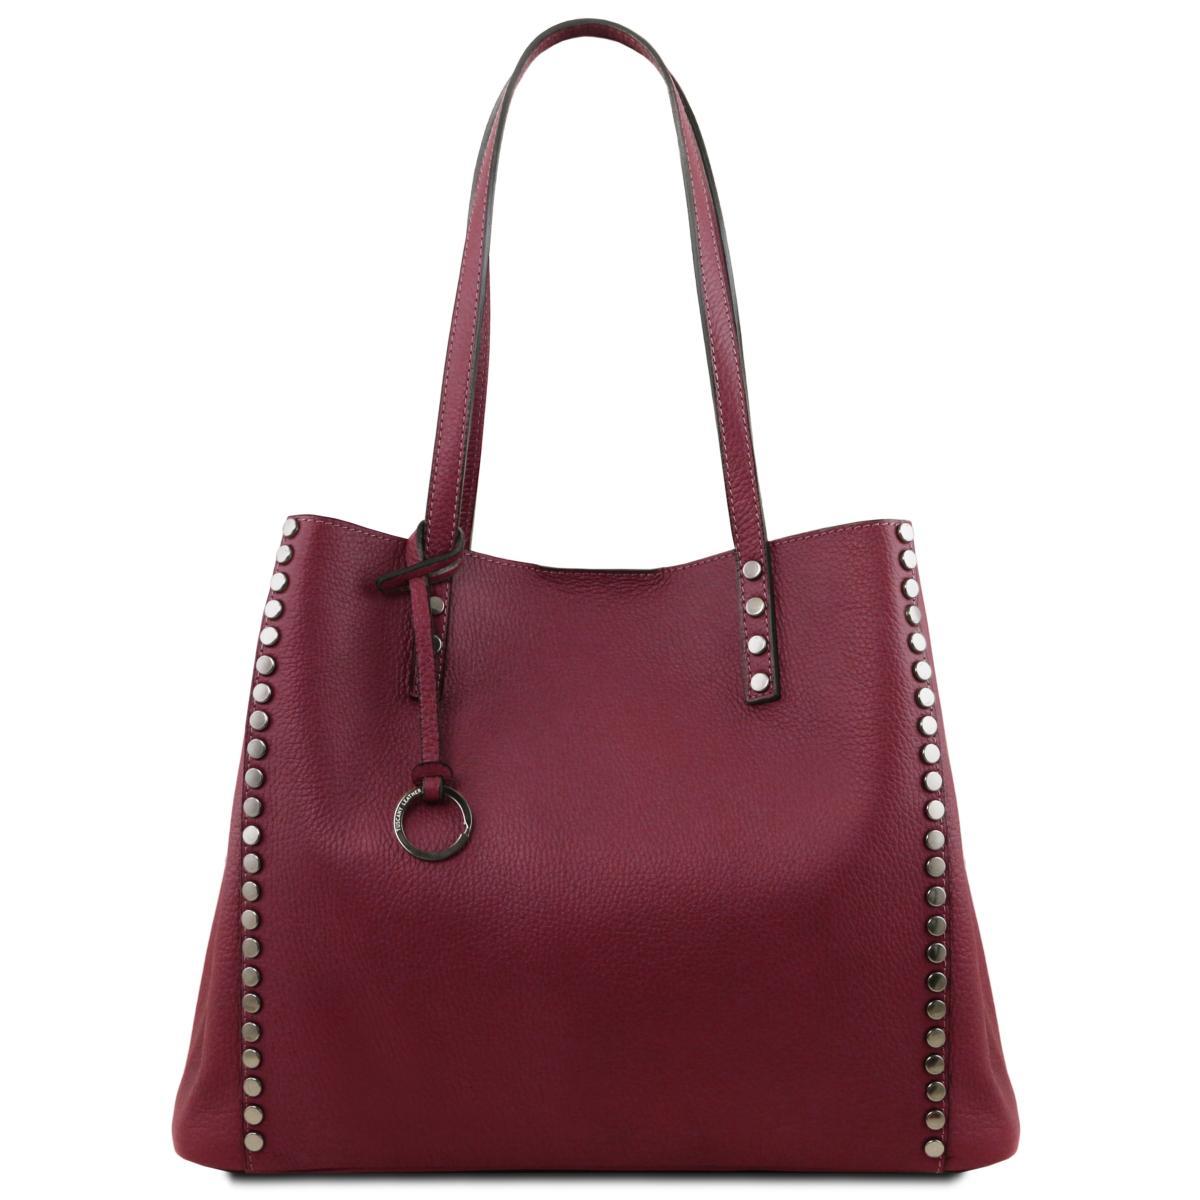 nouveau concept ac912 d3a6a Grand Sac Fourre Tout Cuir Souple Femme Bordeaux - Tuscany Leather -